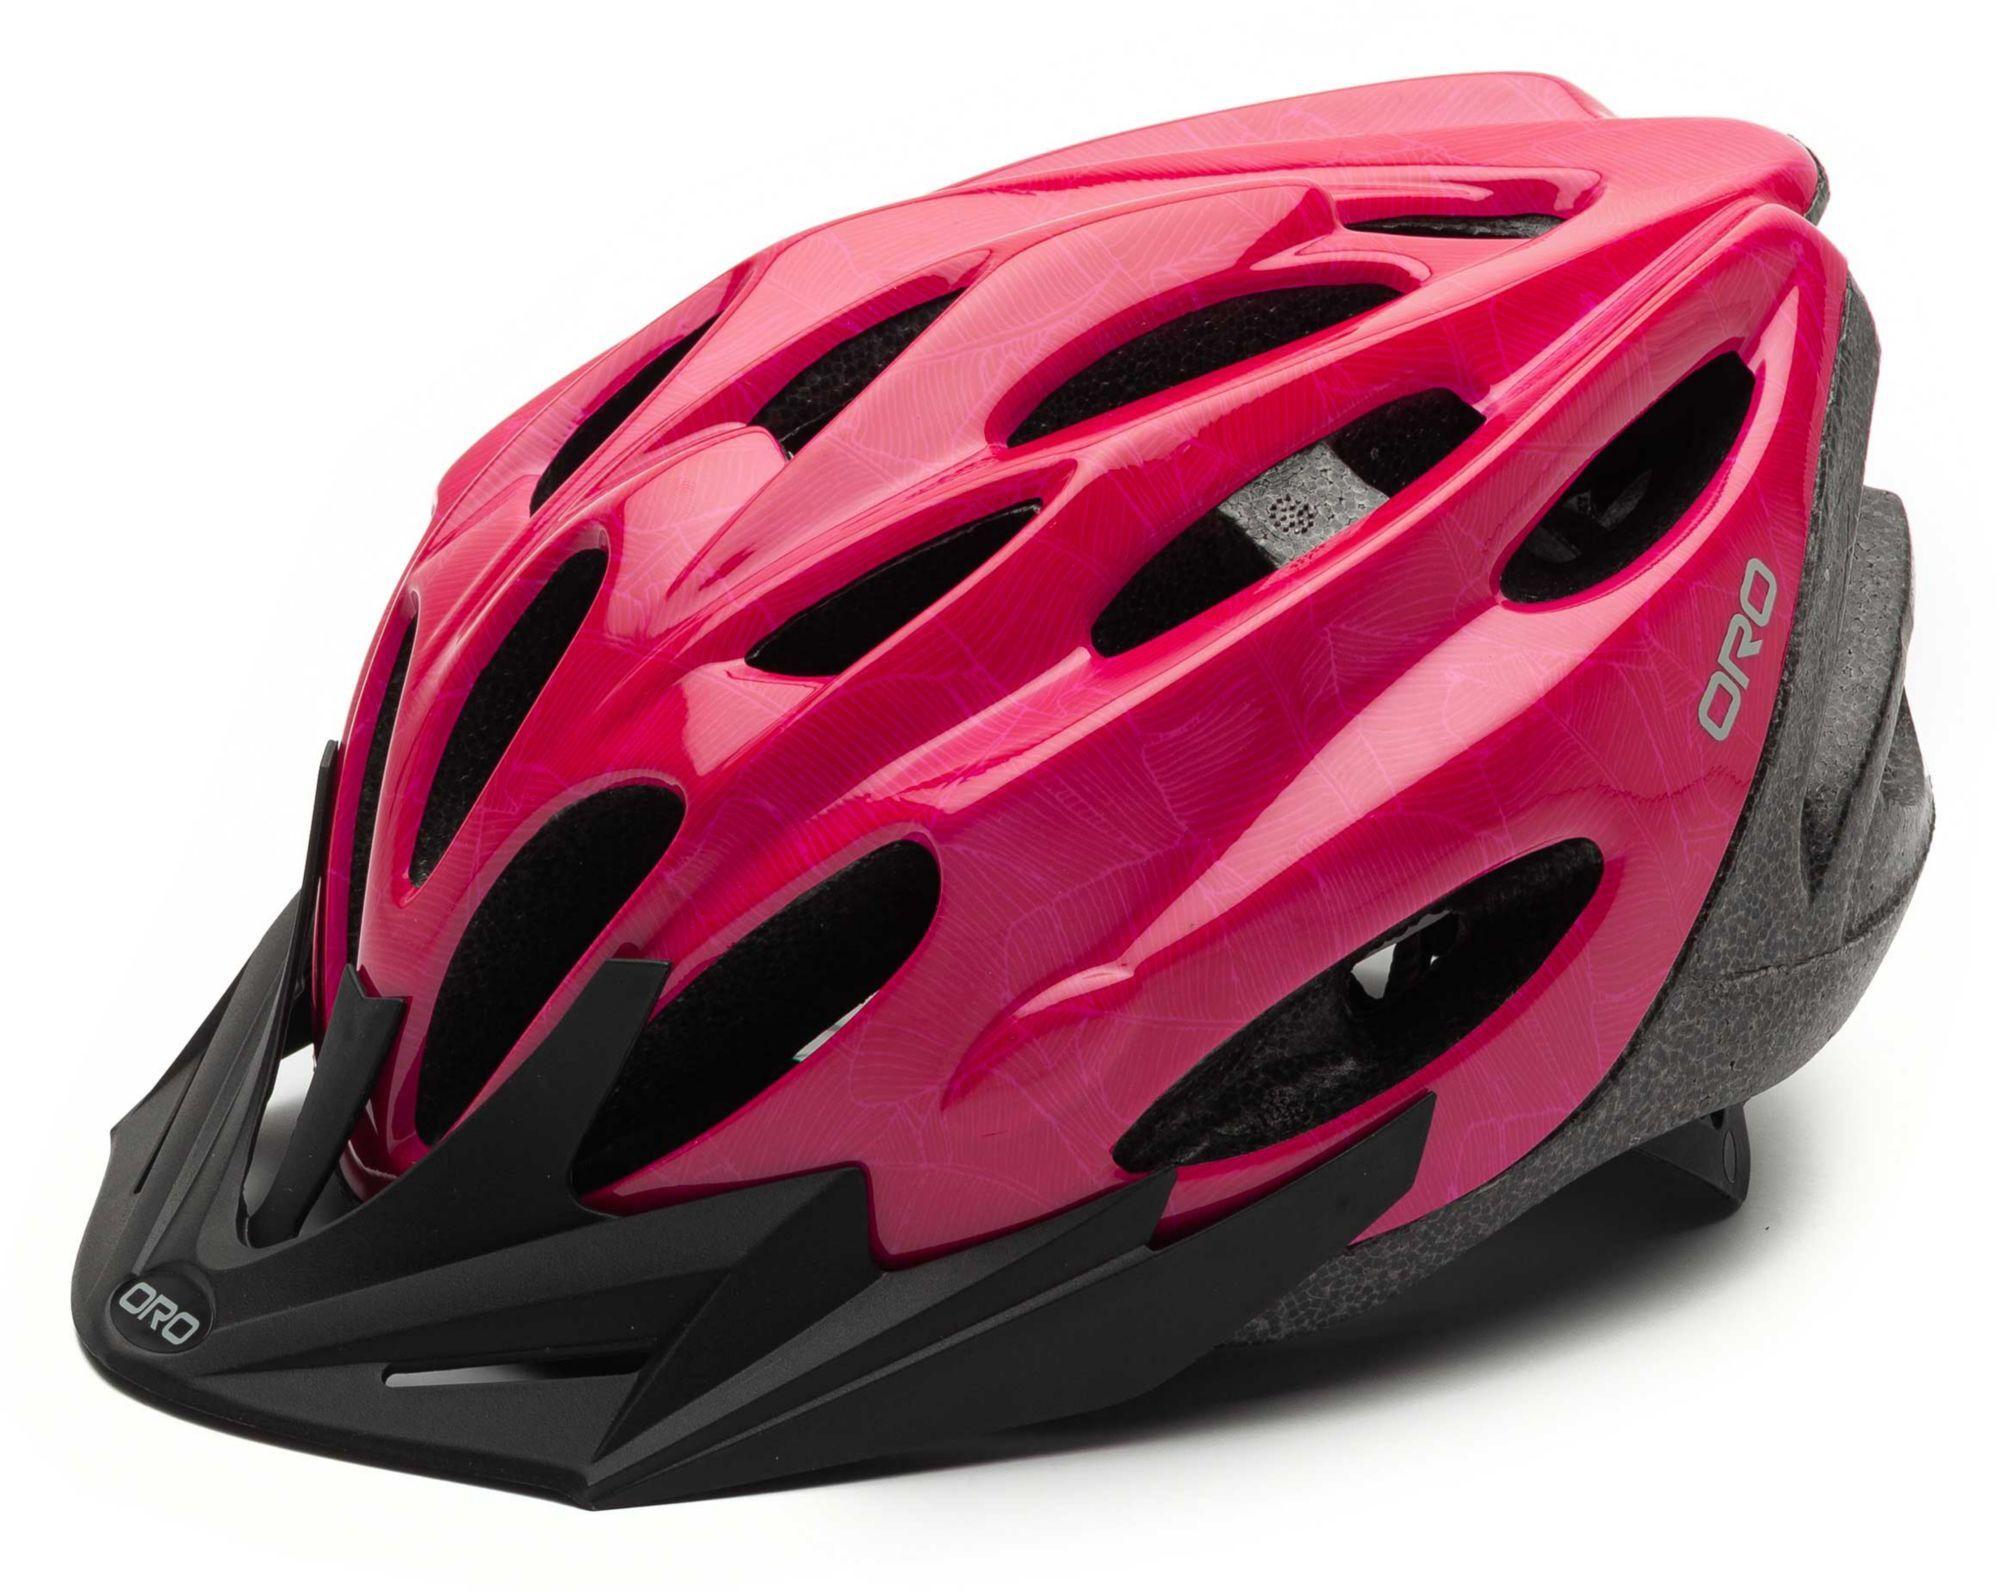 ORO Kids' Cheer Bike Helmet, Girls', No Size, Pink